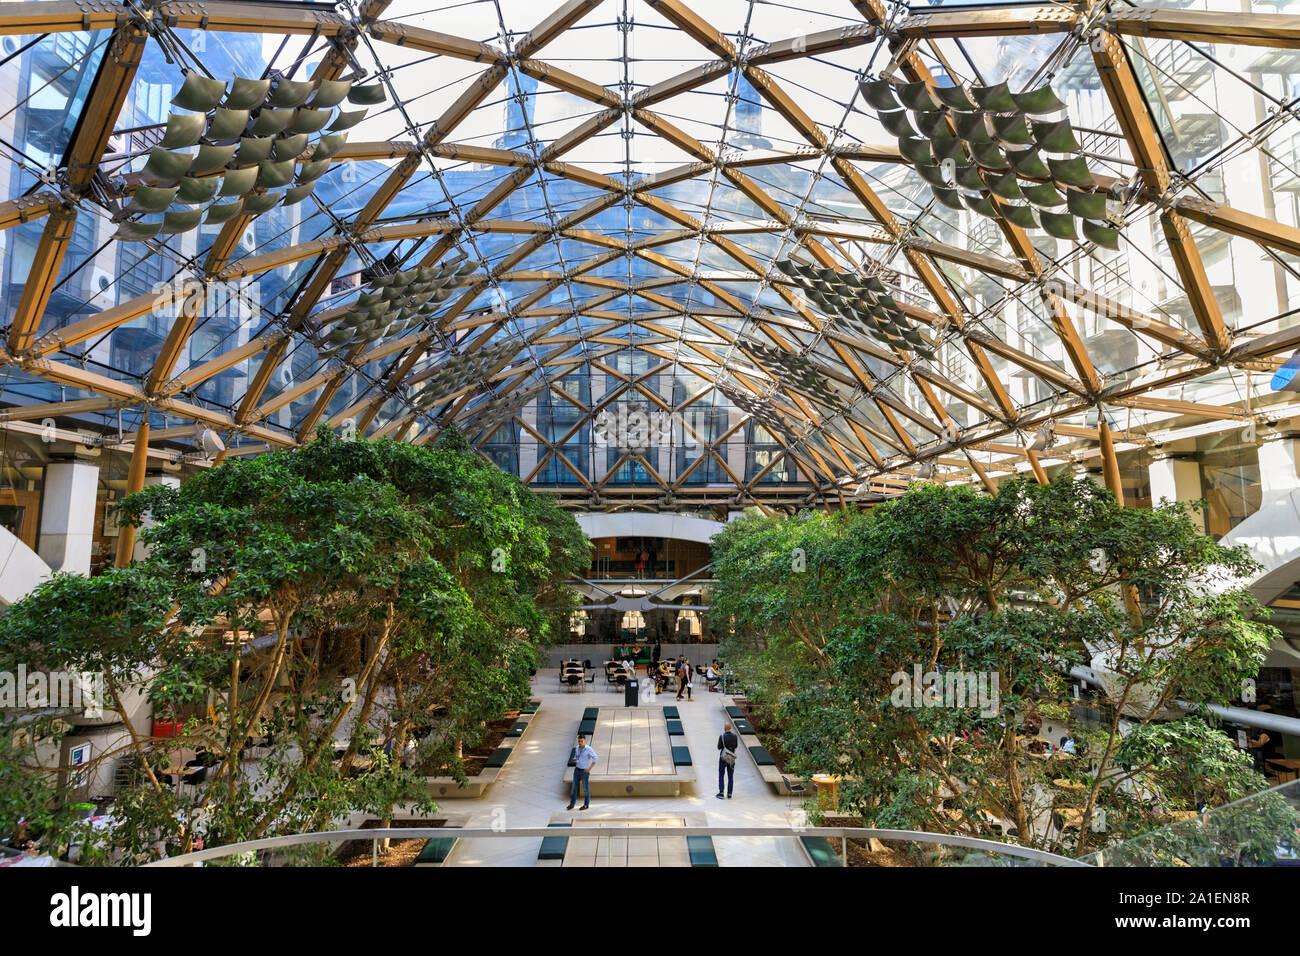 Vista desde el interior, el patio y la estructura de cristal del techo Portcullis House por Hopkins Architects, parte de la finca parlamentario en Westminster, Londres. Foto de stock